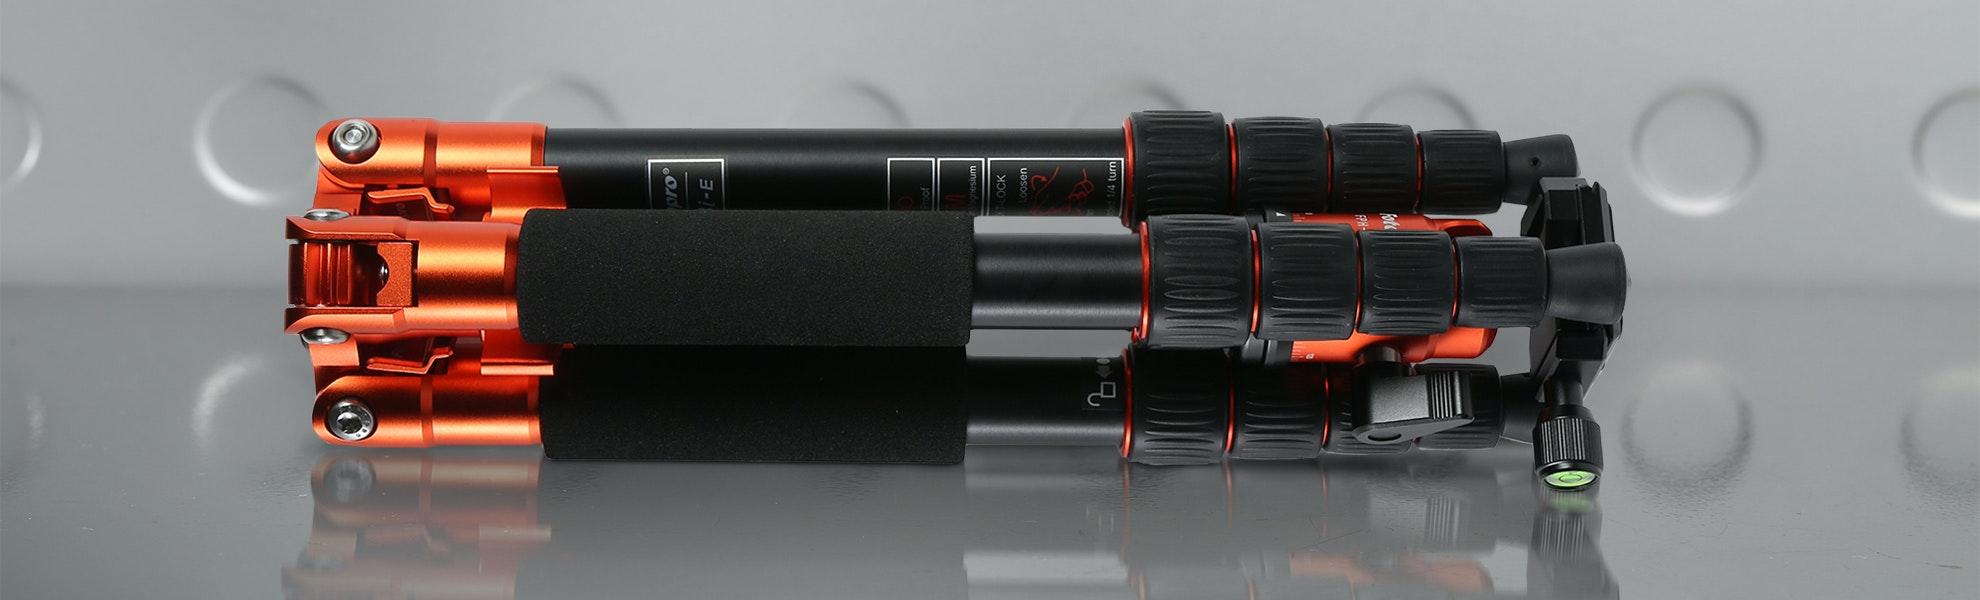 Fotopro X4I-E Aluminum Tripod w/ Head